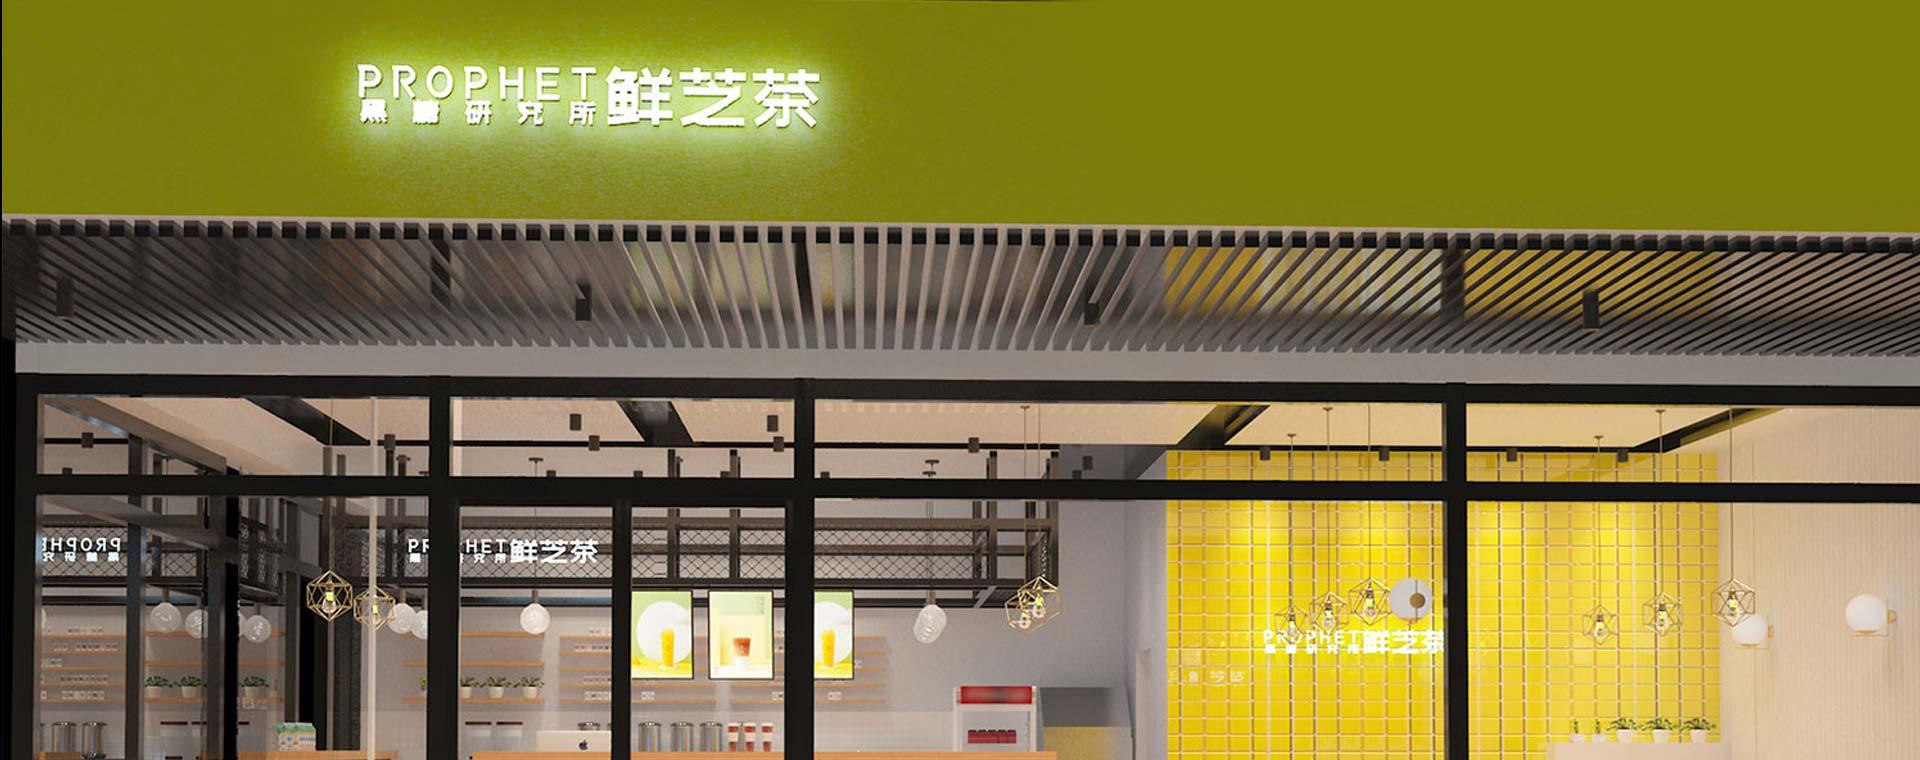 奶茶品牌店设计中西风格结合跳出传统思维